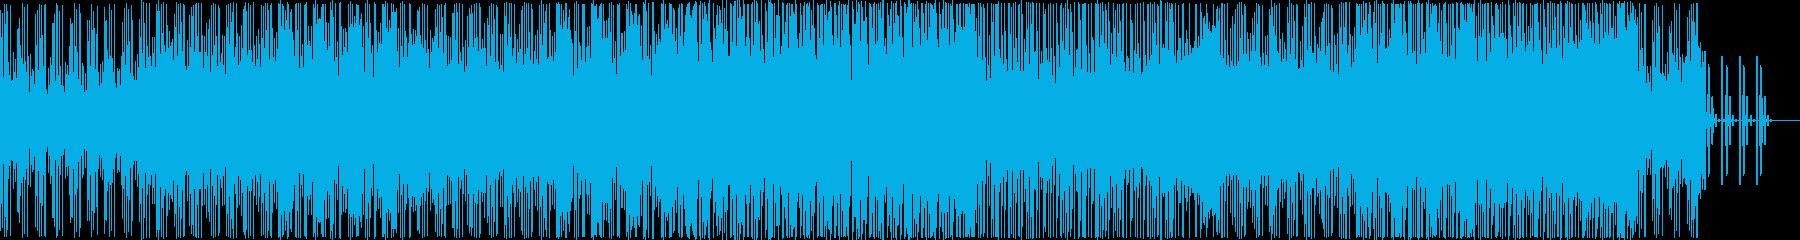 ミステリアスなテックハウスEDMの再生済みの波形